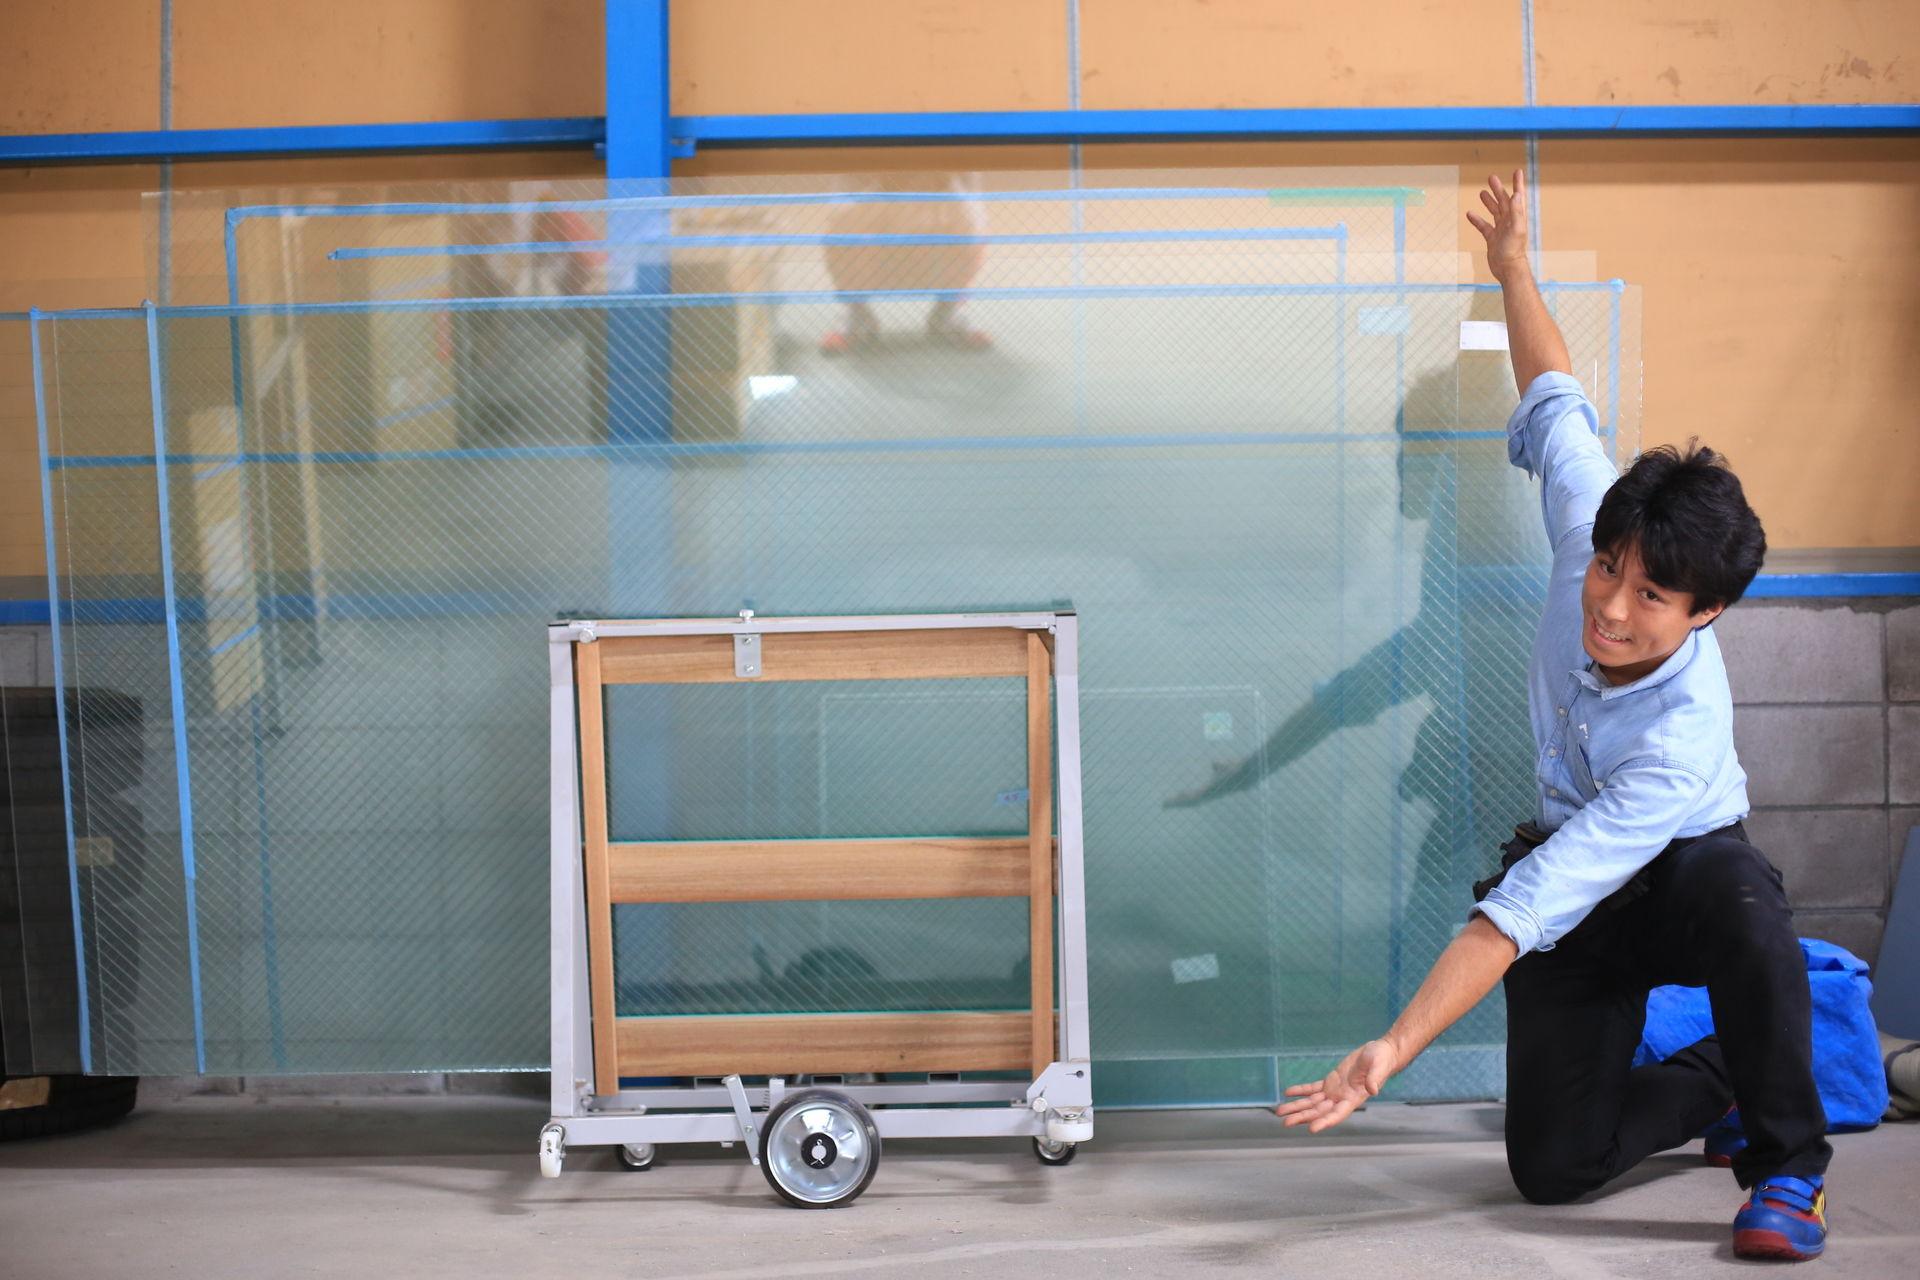 ガラスのトラブル救急車【千葉市緑区 出張エリア】の店内・外観画像2